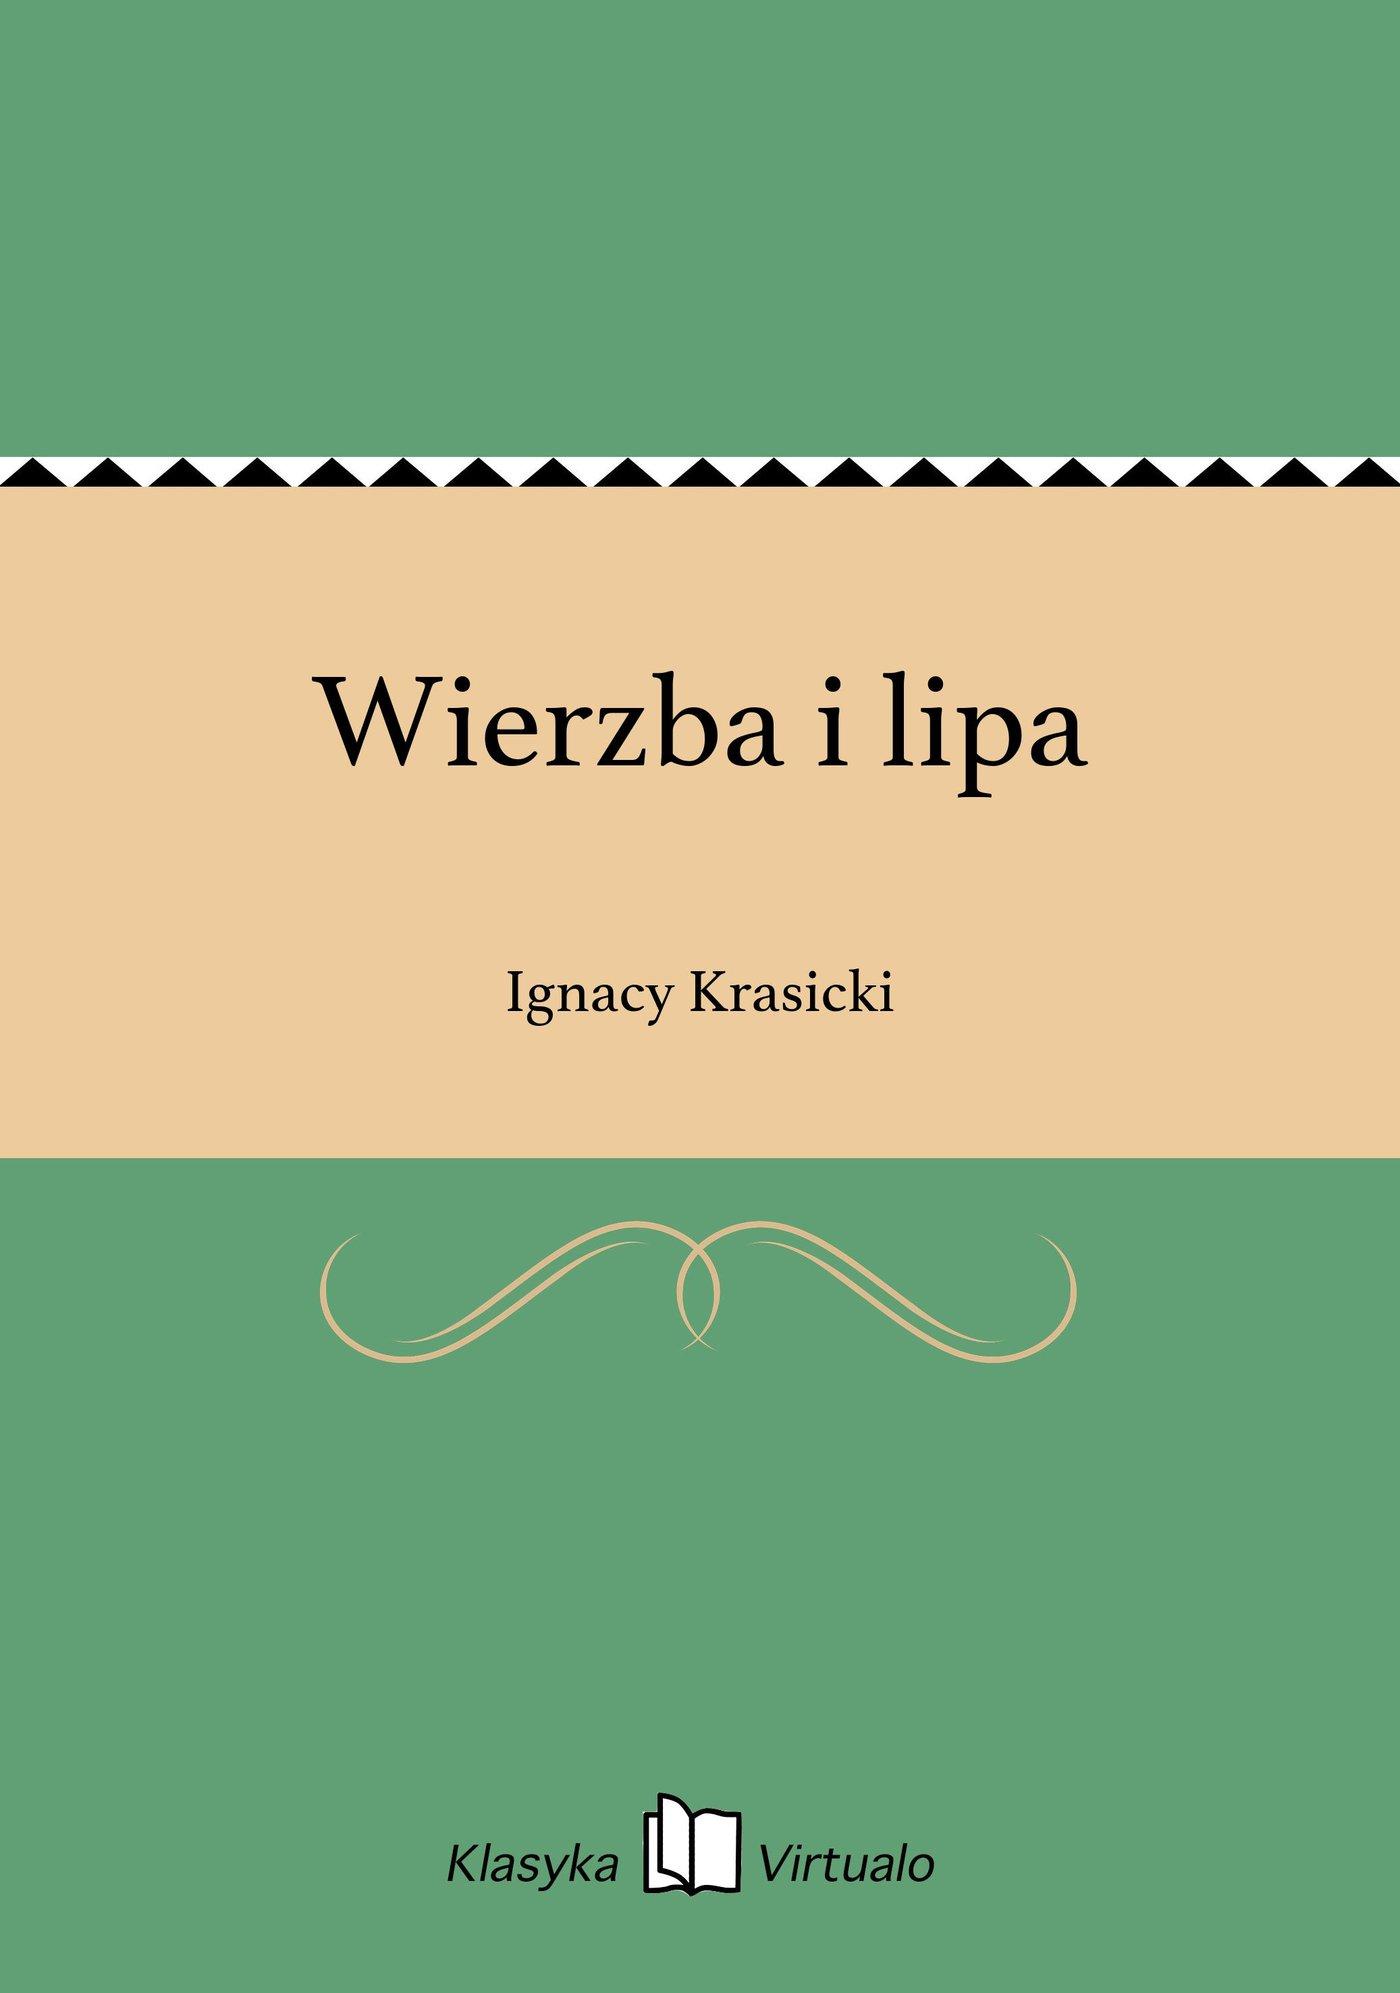 Wierzba i lipa - Ebook (Książka EPUB) do pobrania w formacie EPUB